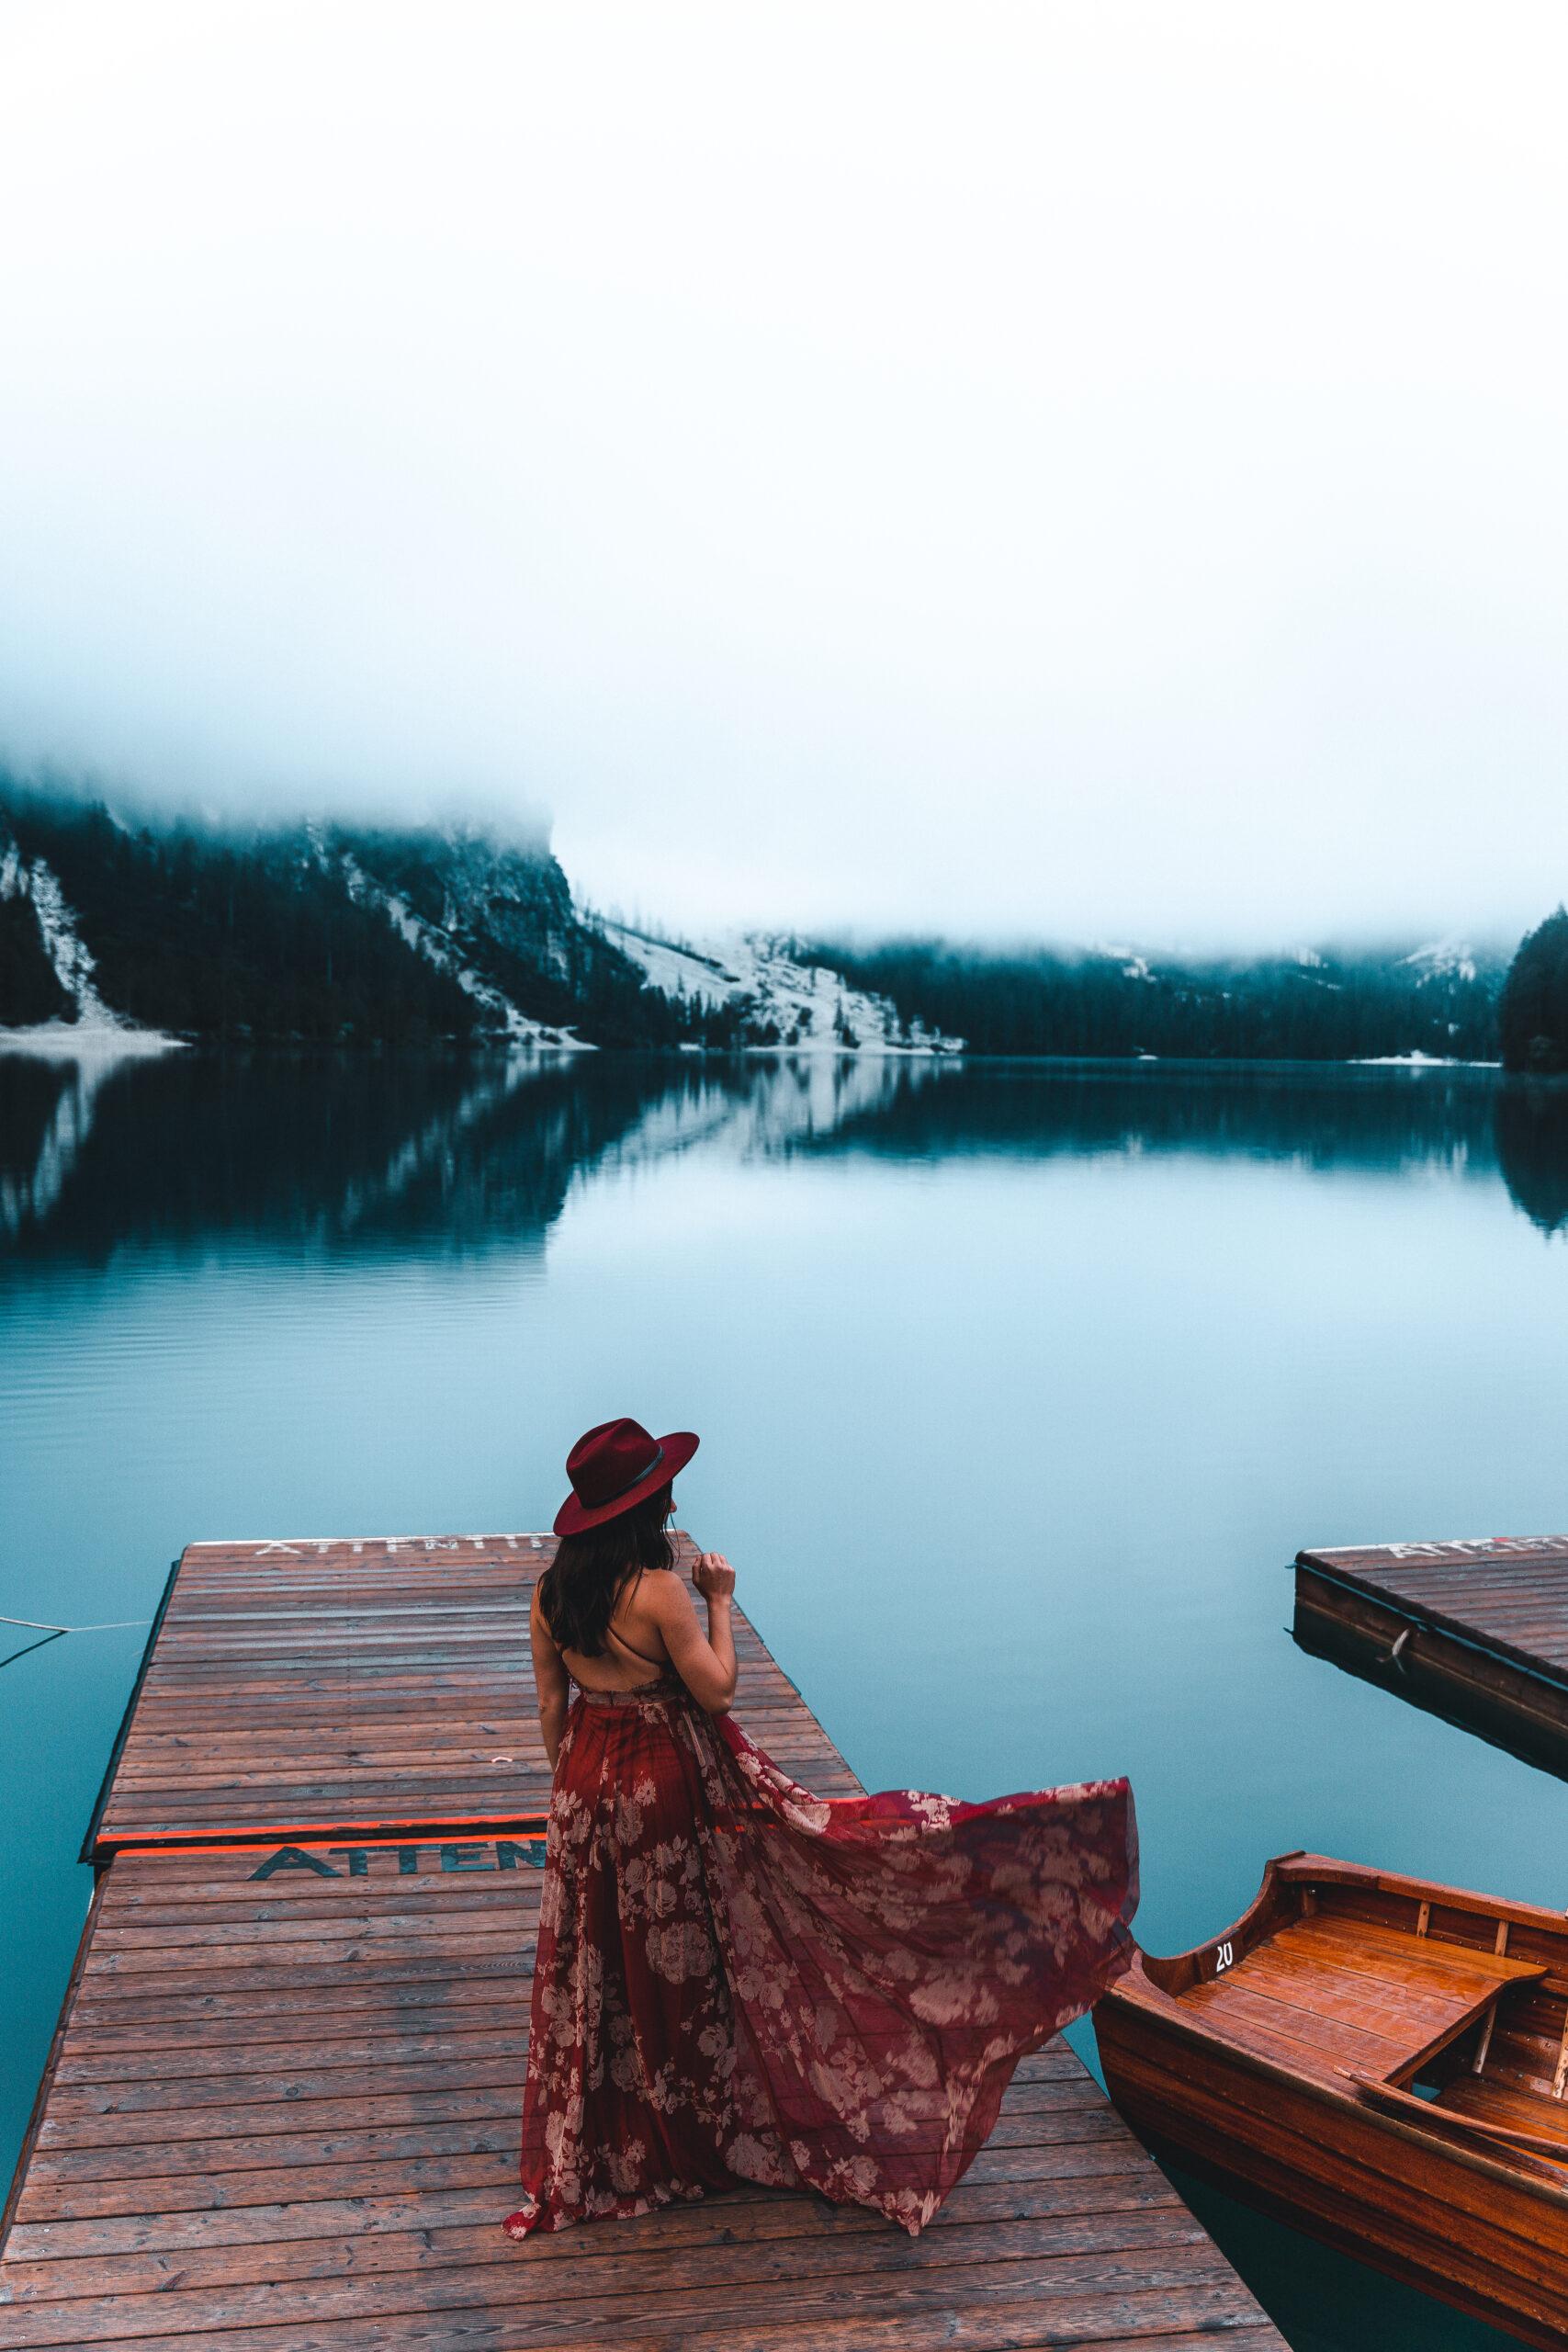 Lago di Braies in Italy - Full Travel Guide